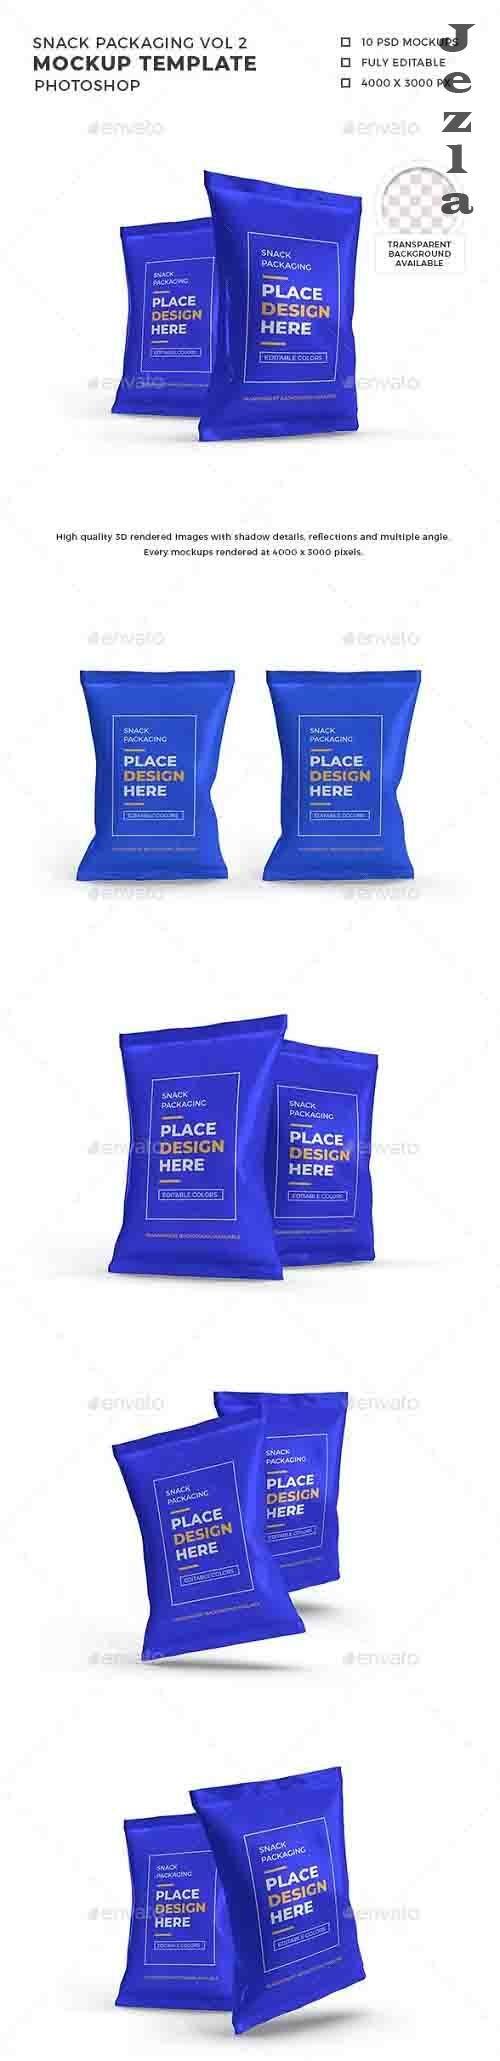 Snack Packaging Mockup Template Vol 2 - 32584108